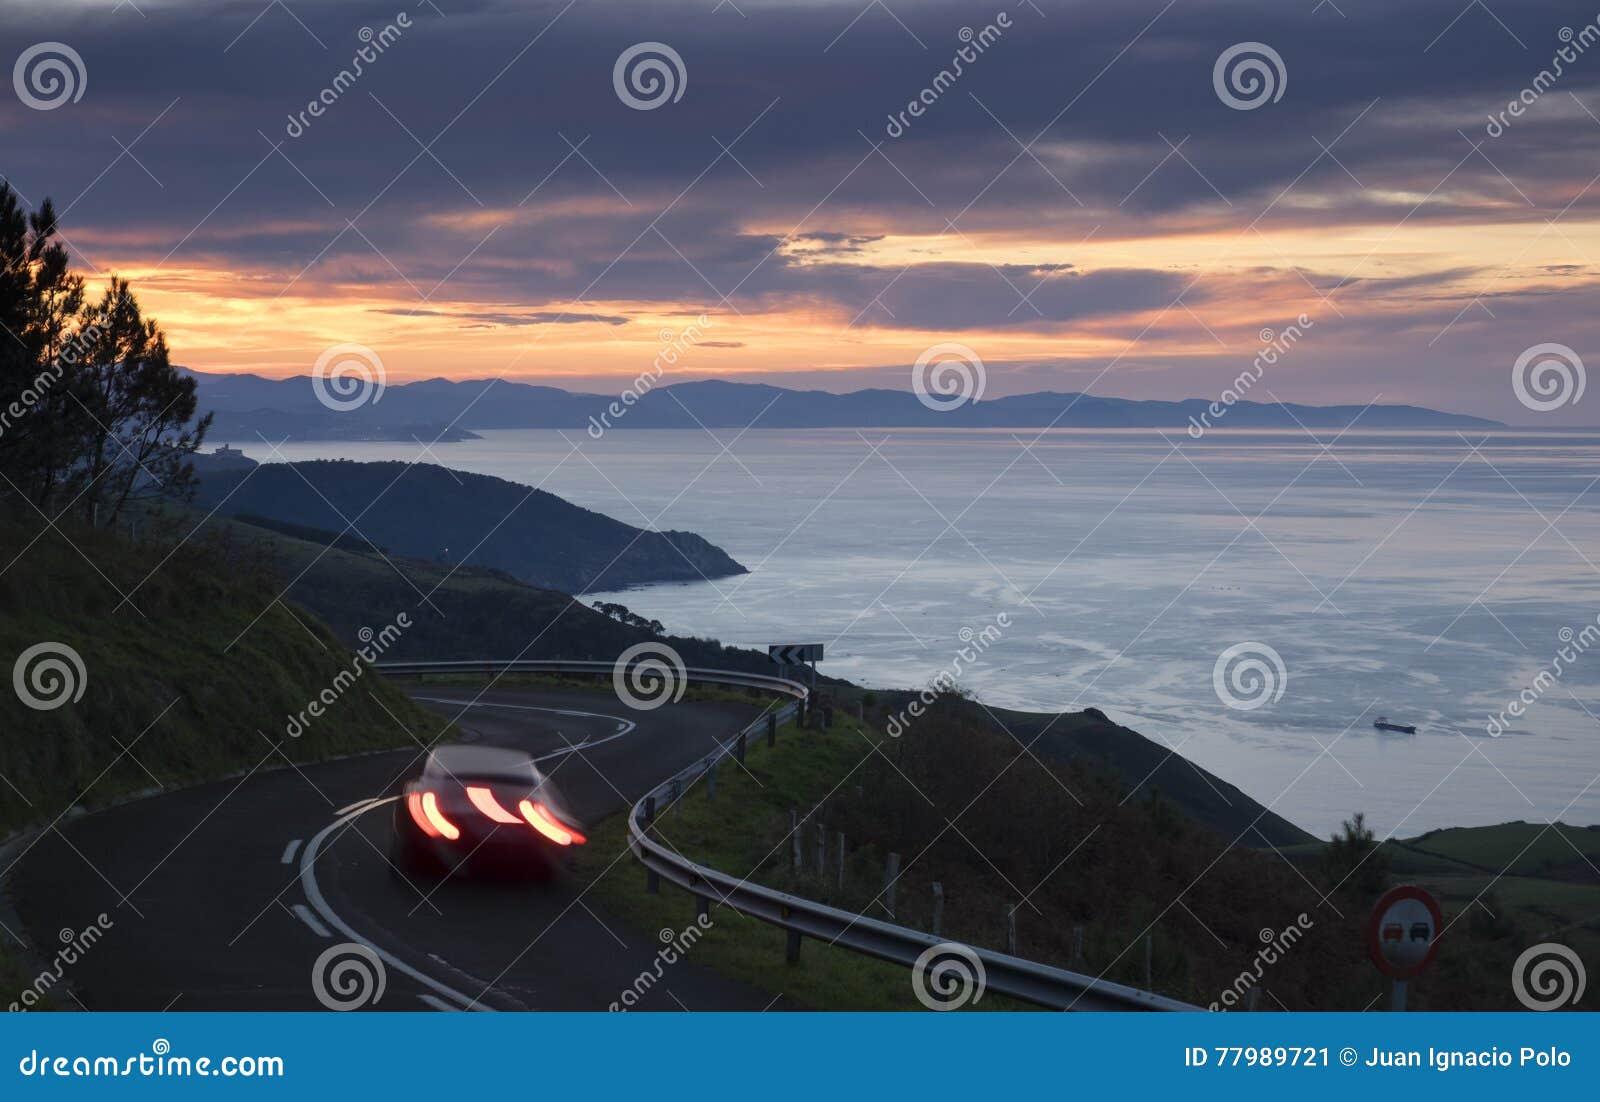 L automobile si accende nella strada, costa basca